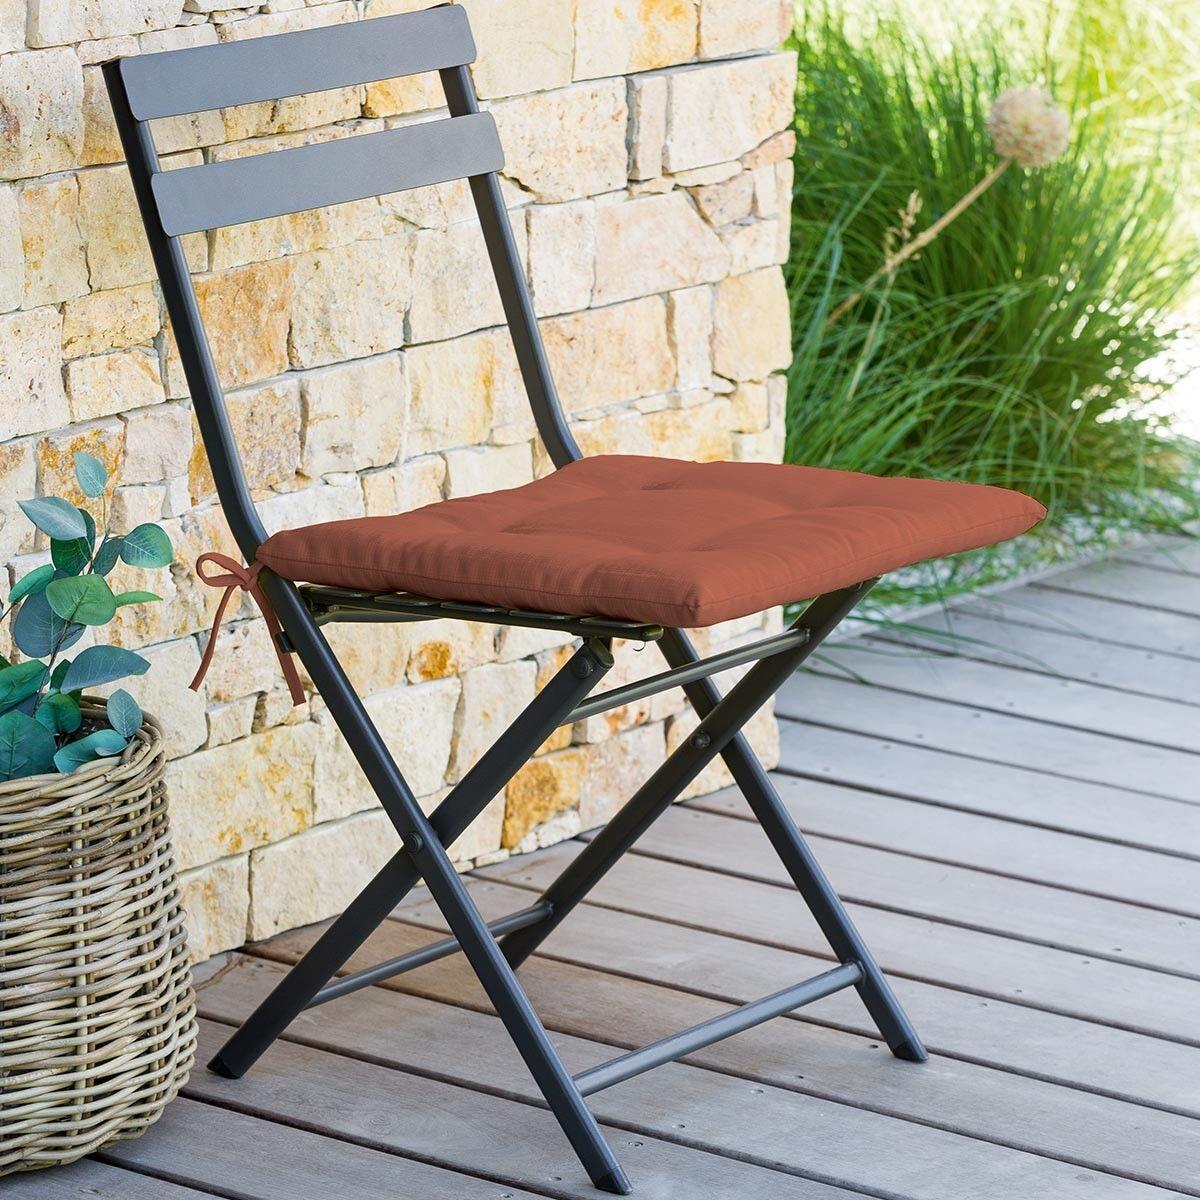 Hespéride Galette de chaise carrée 4 points Terracotta Jardin